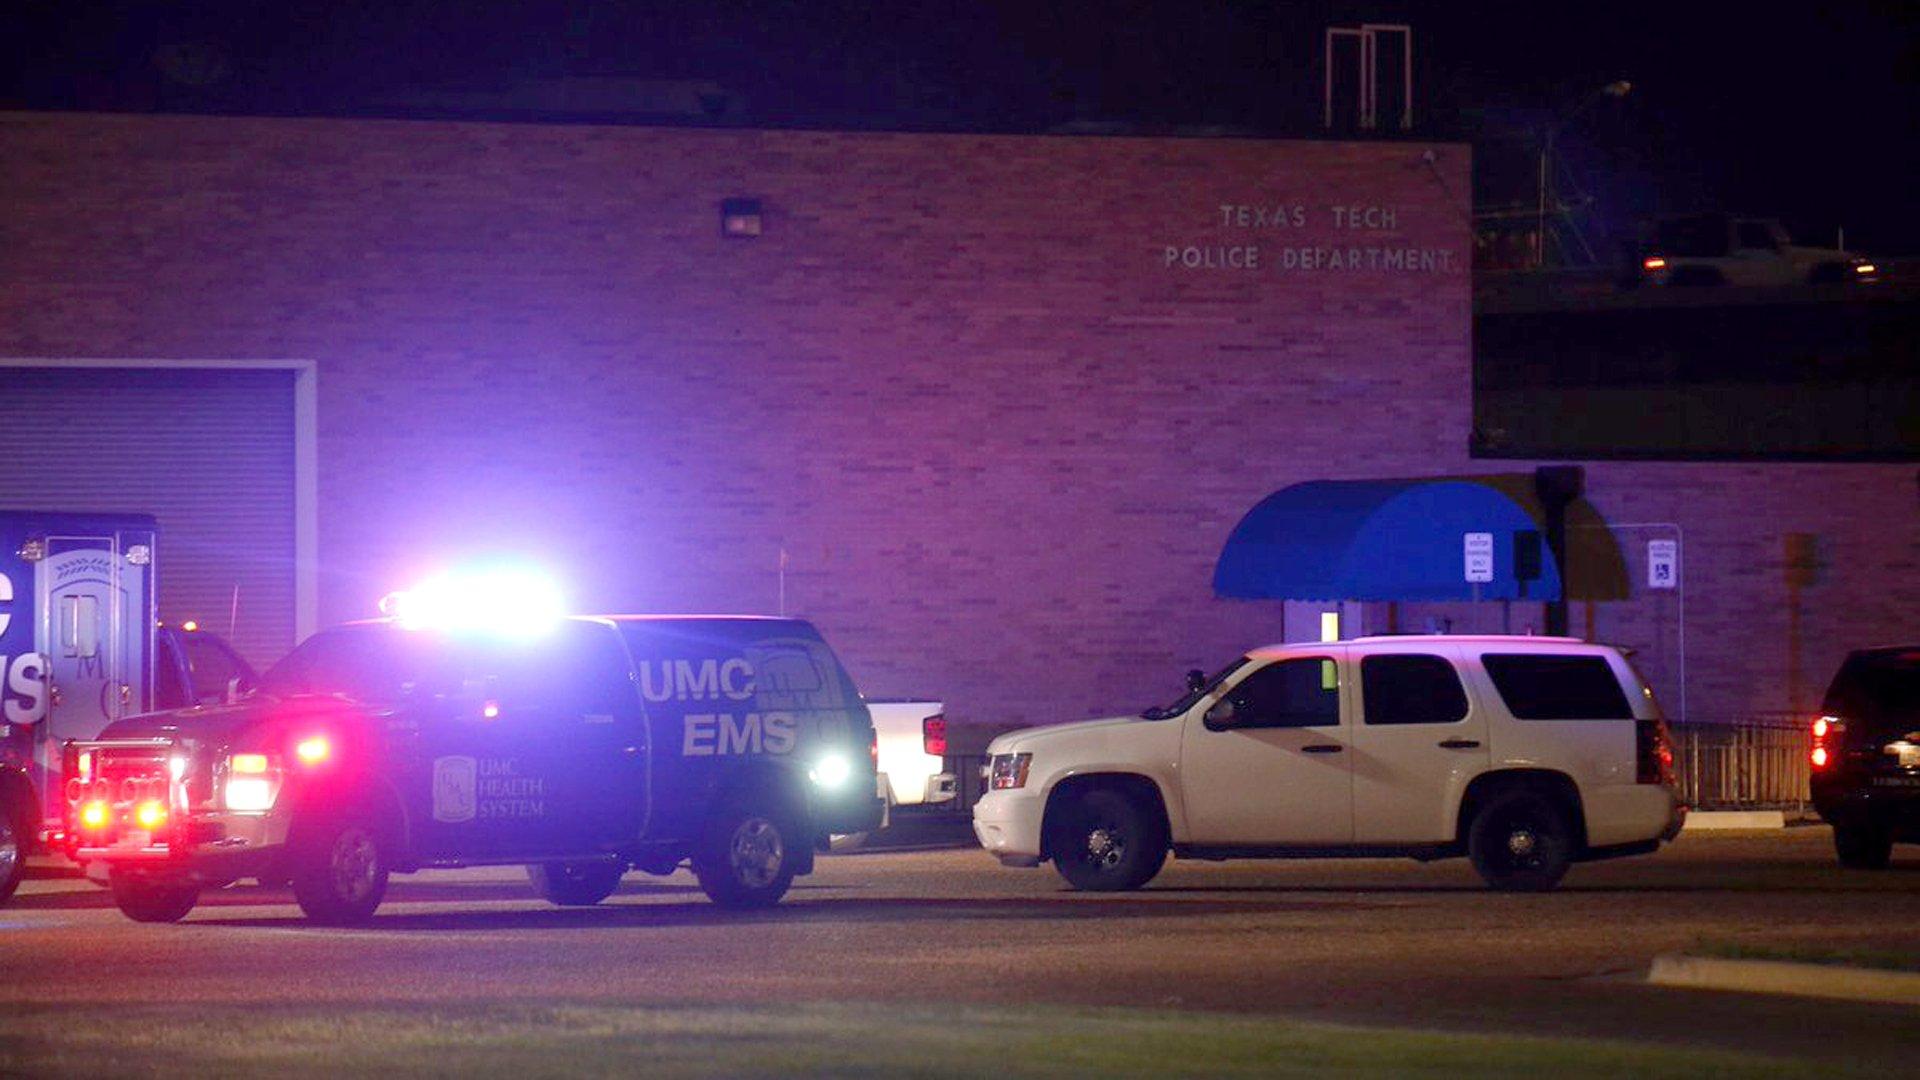 Un policía fue asesinado por un estudiante en la Universidad Texas Tech https://t.co/rbYK8cpBmB https://t.co/SCDskx5Yeq